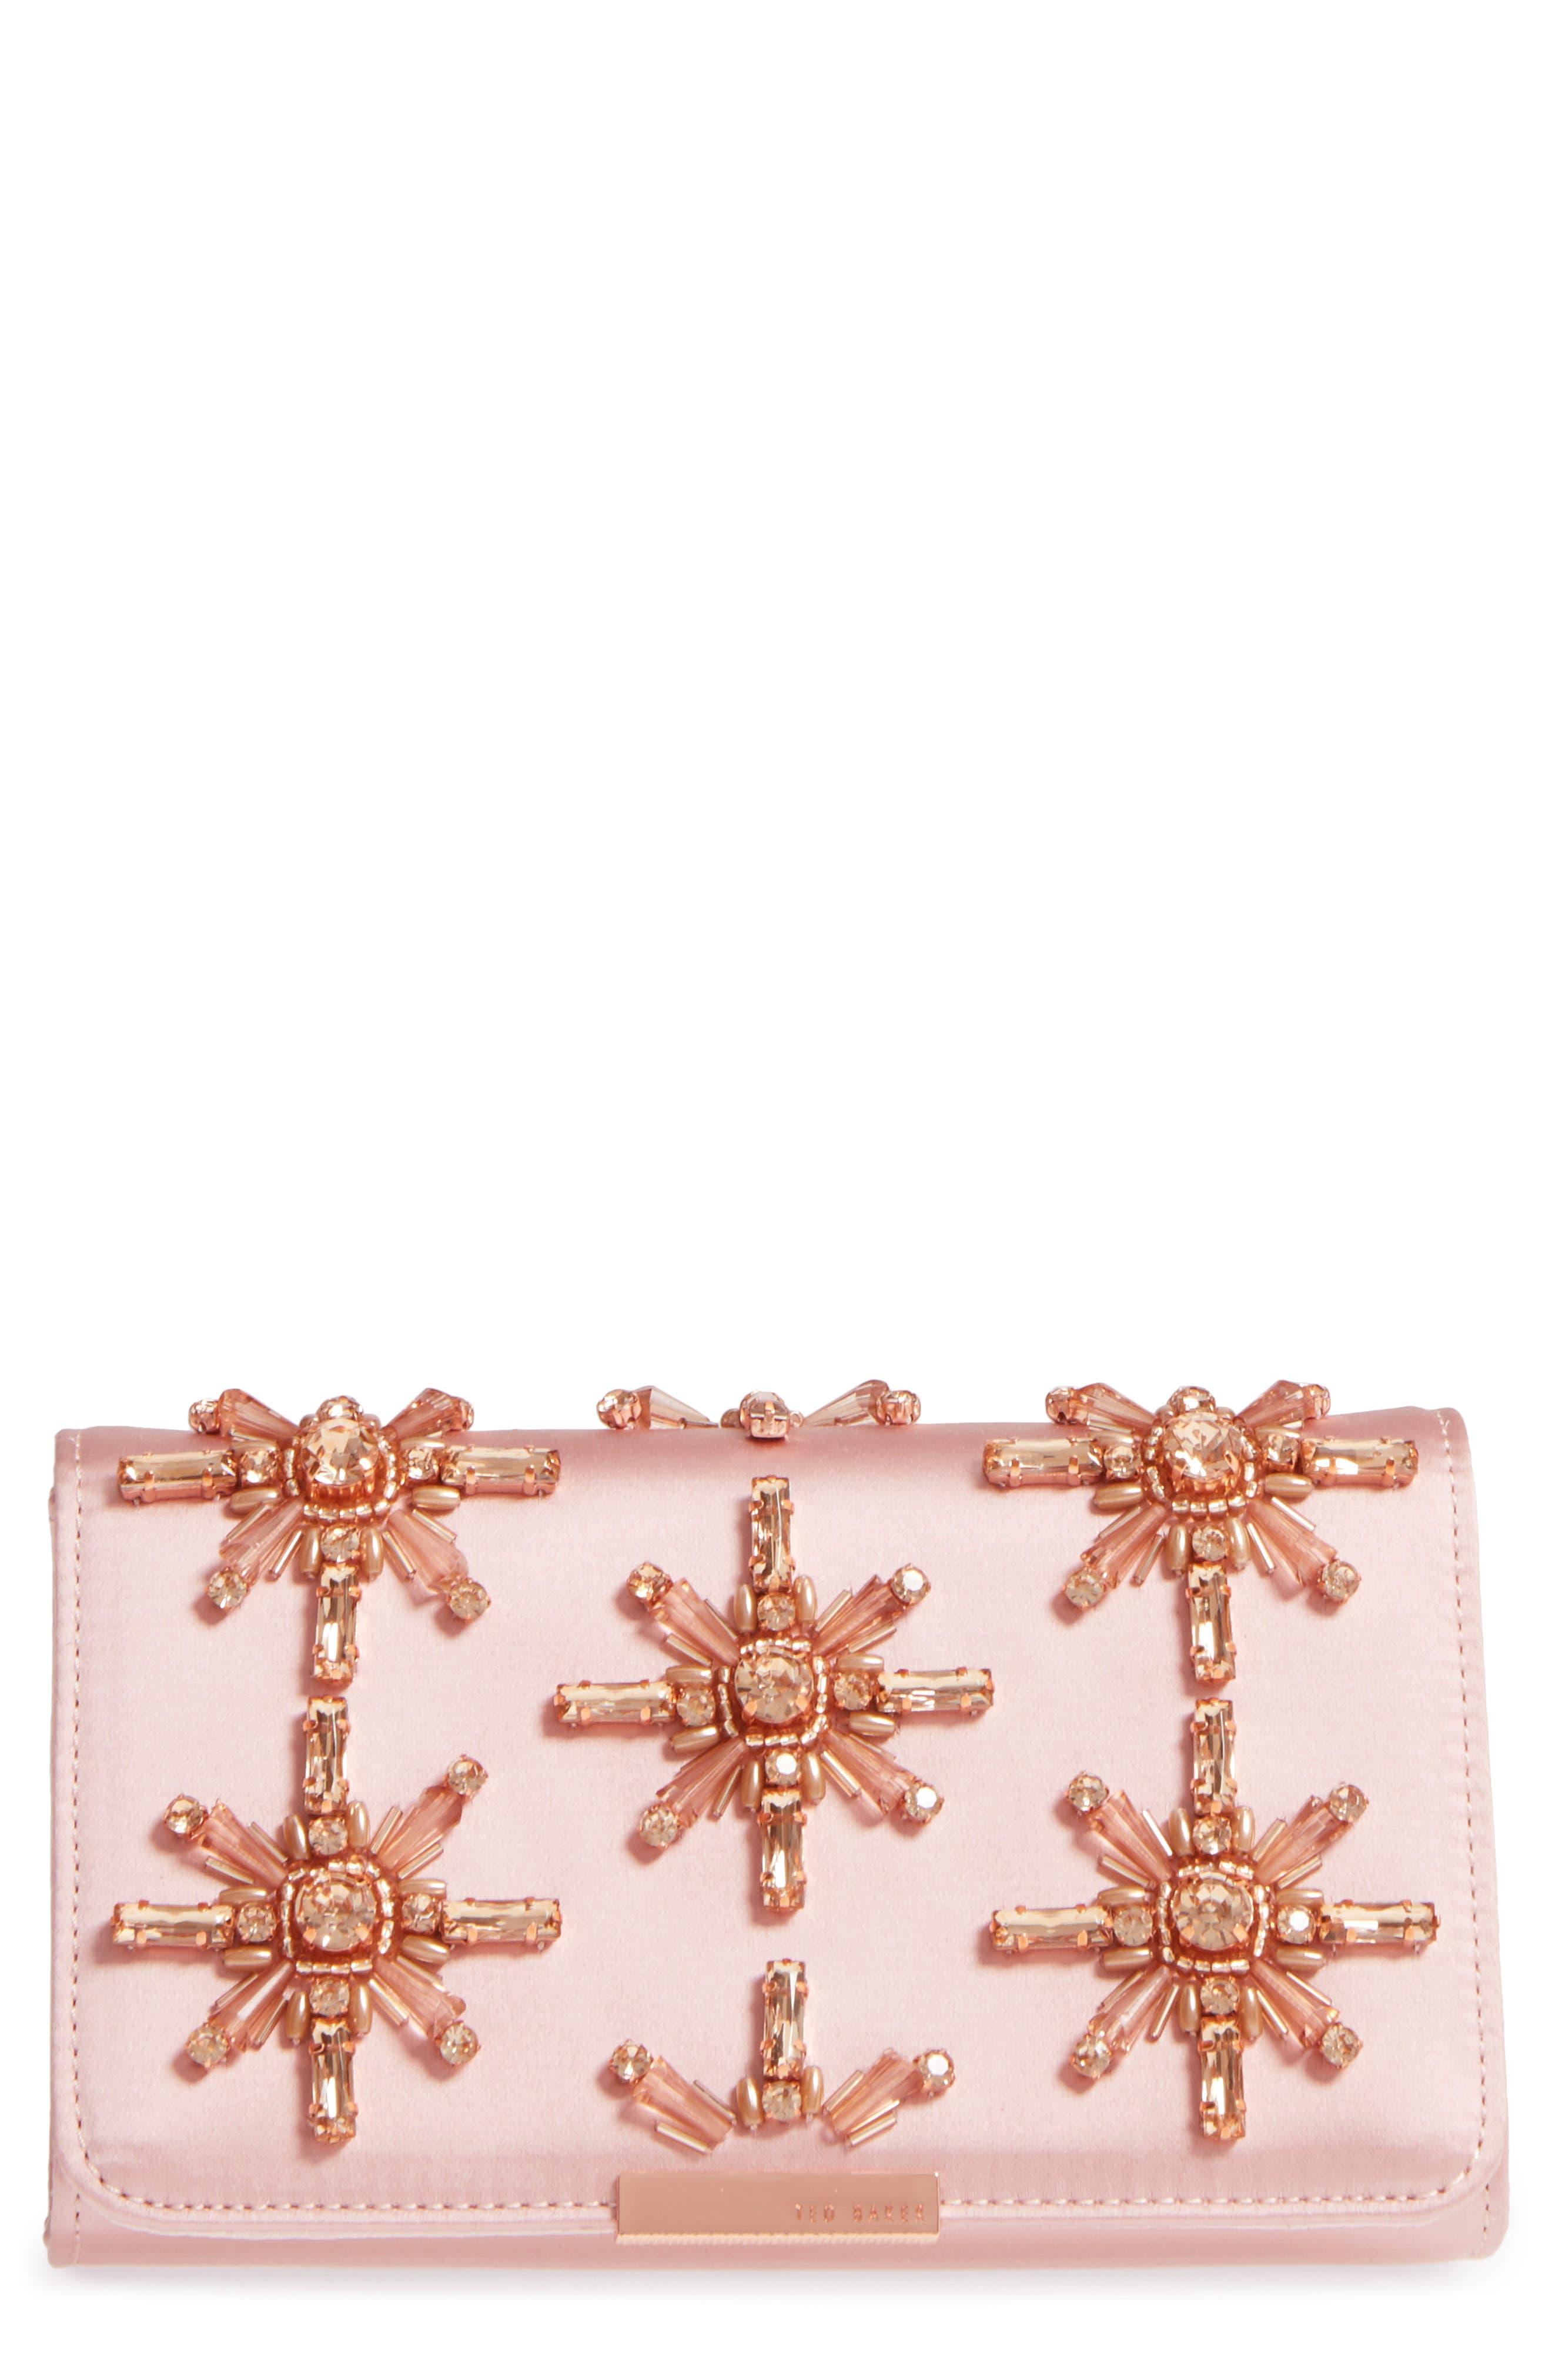 Ted Baker London Daveena Crystal Embellished Satin Clutch